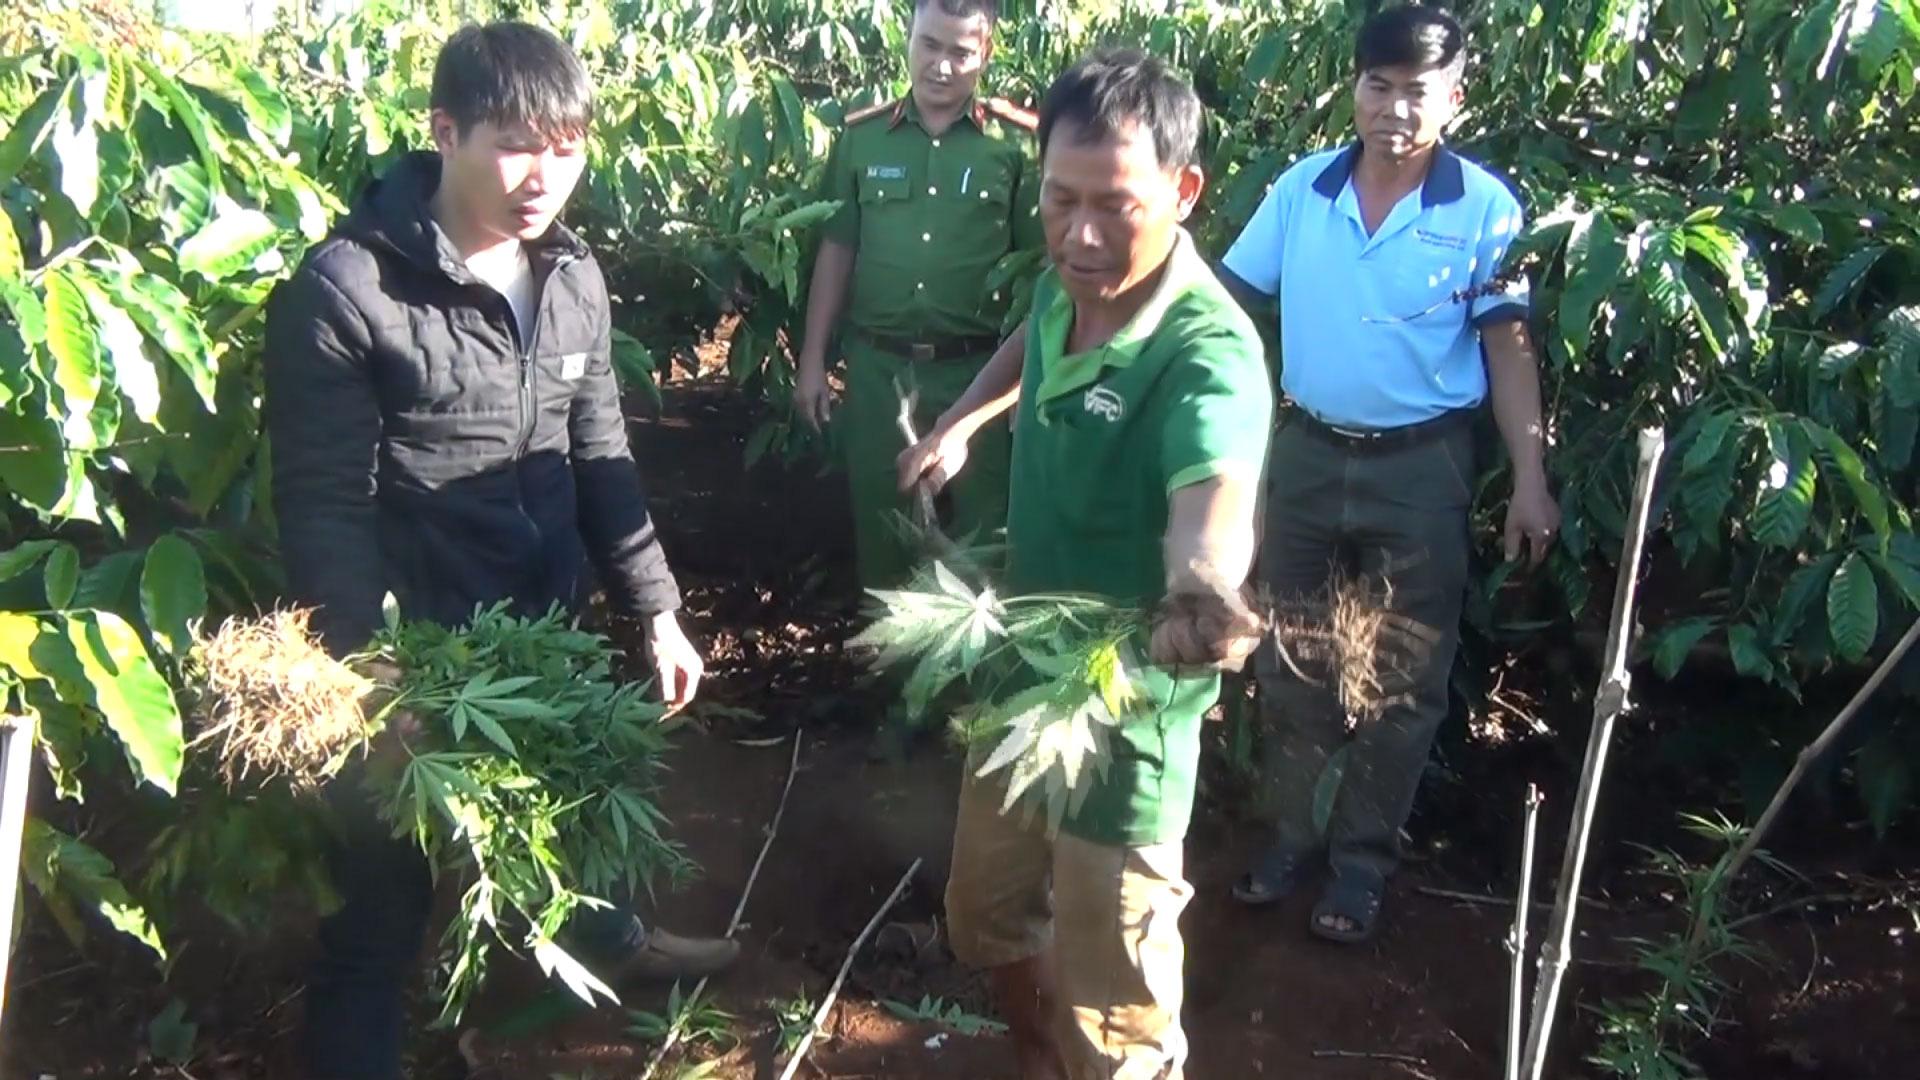 Phát hiện trong rẫy cà phê có hơn 100 cây cần sa được trồng trái phép